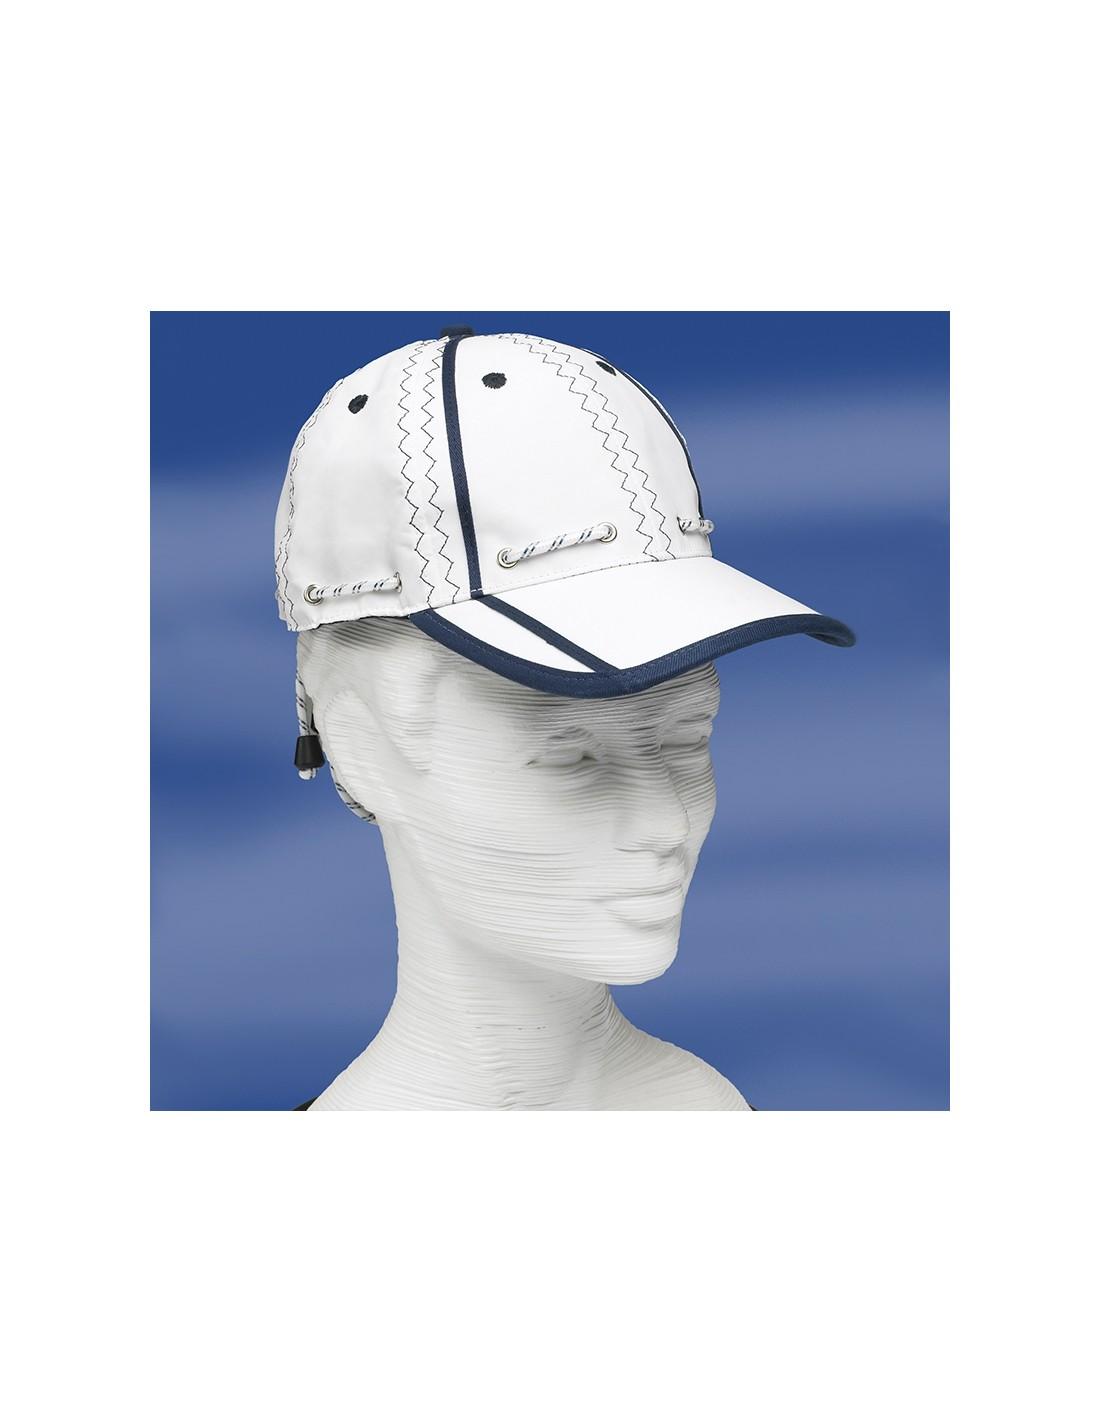 Zeildoek Cap Met Verstelbaar Koord En Klem - Baseballcap - Navy - Trend Marine - Zeildoek Tassen - TM2001.1